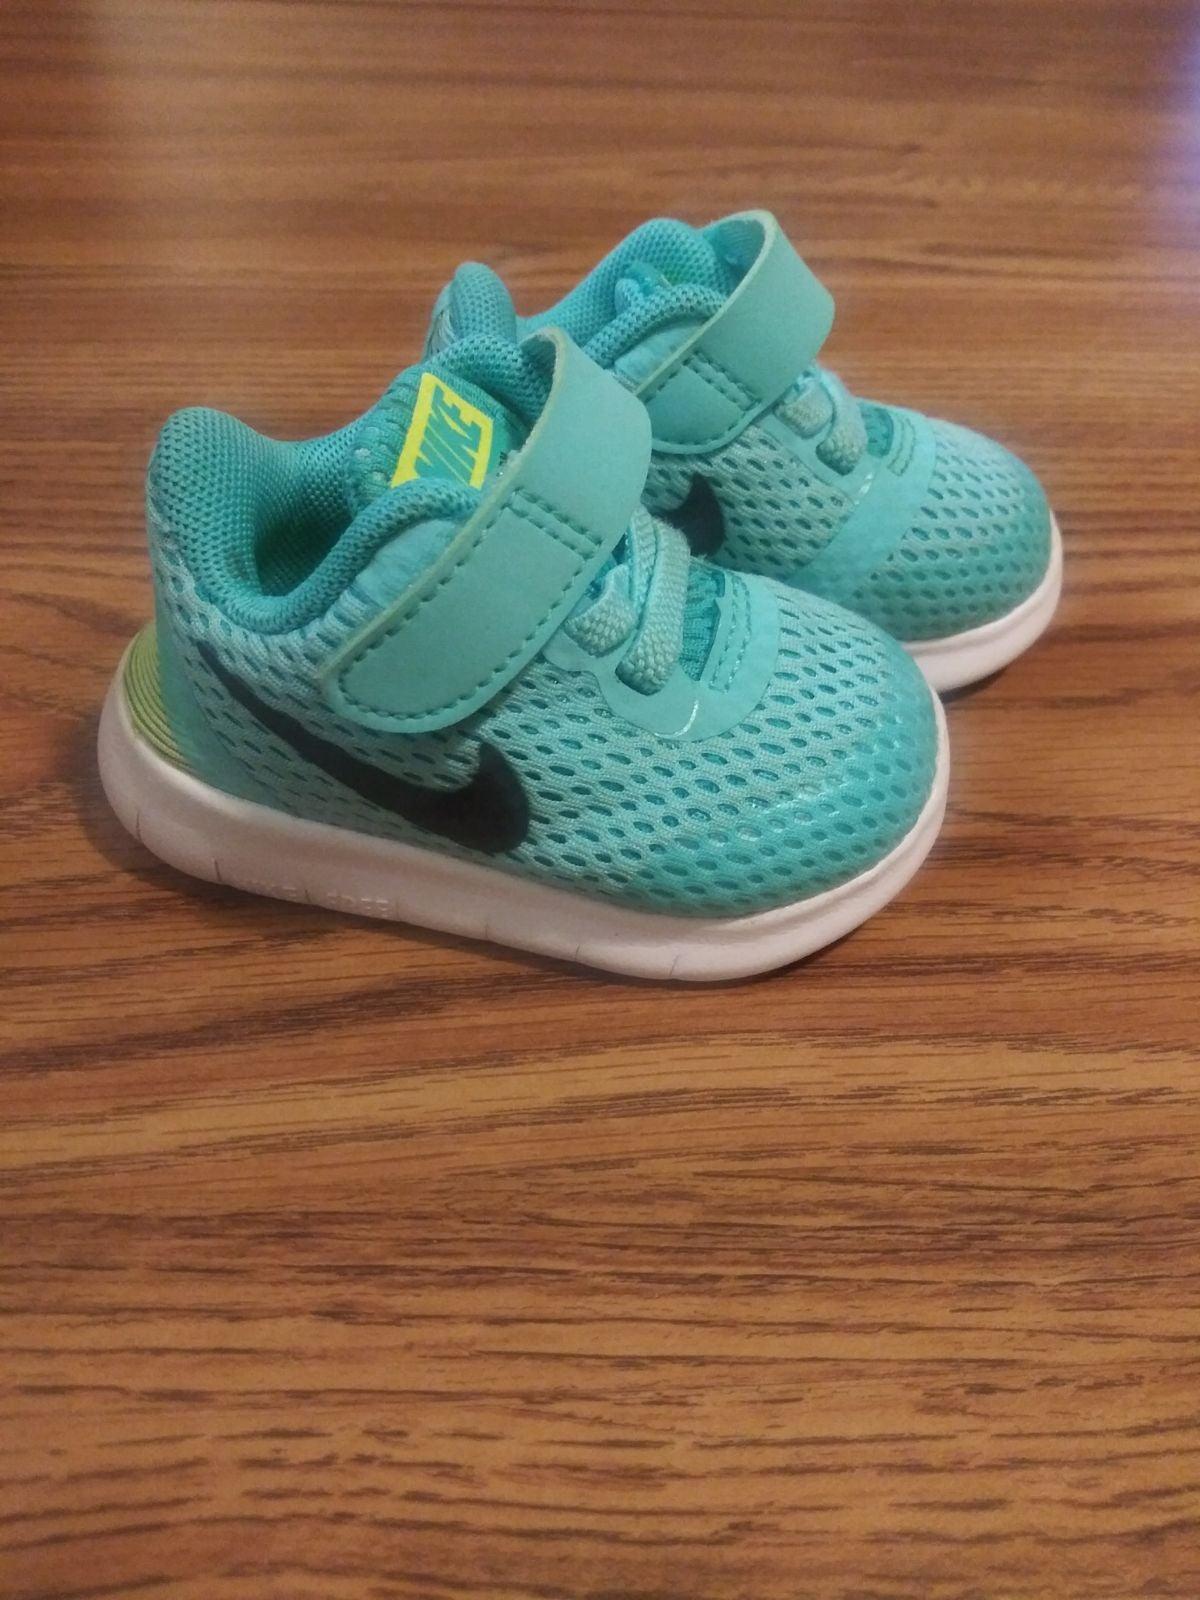 Nike size 2c 2 baby toddler